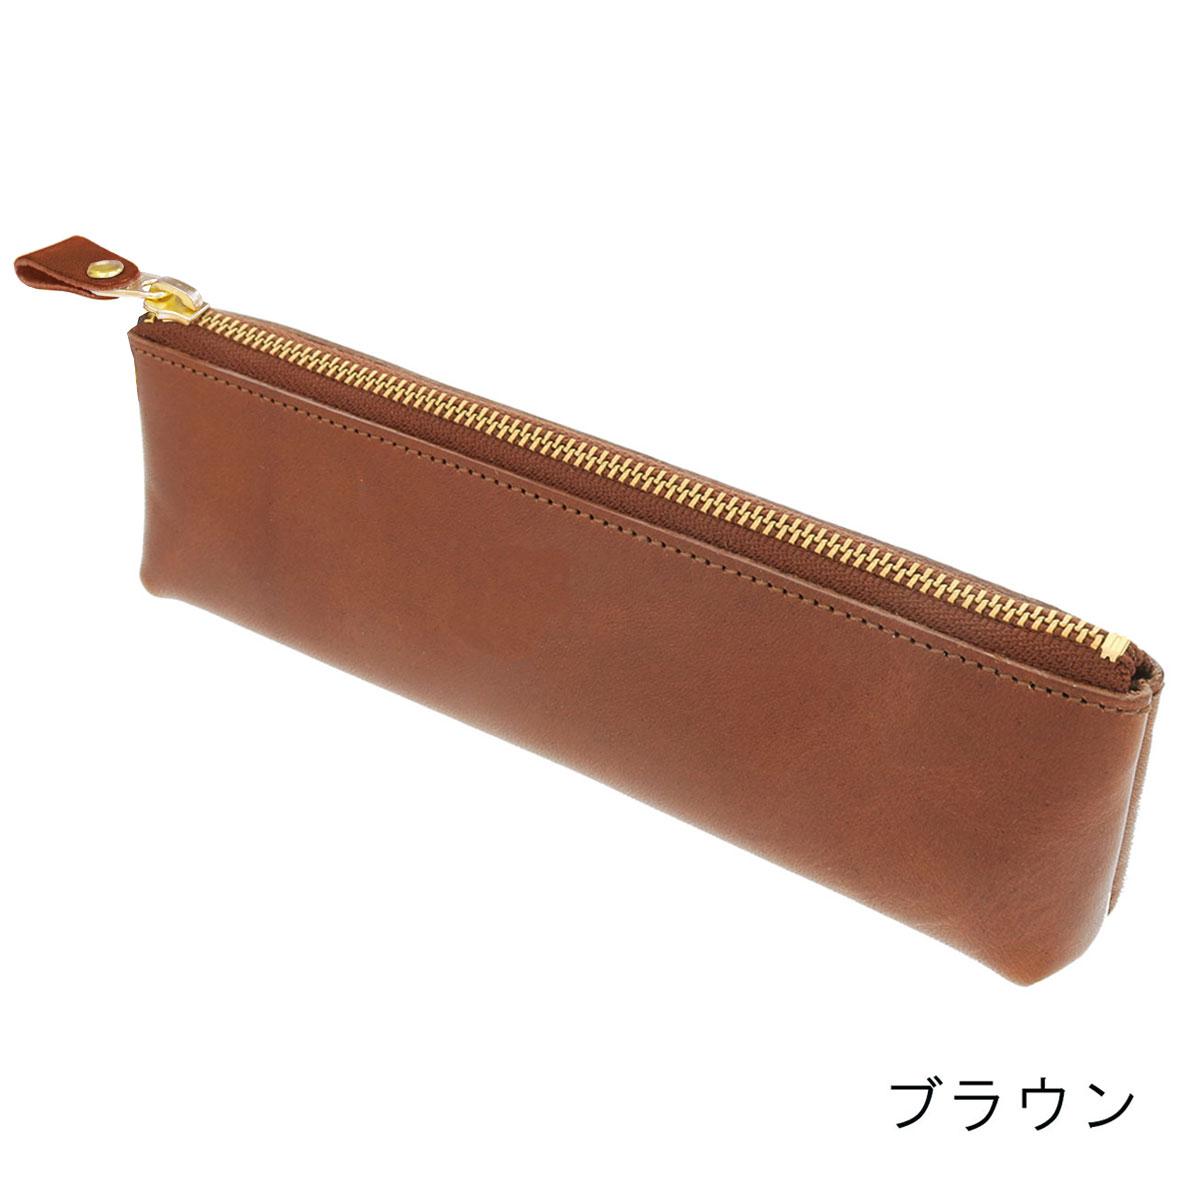 ファスナーペンケース 栃木レザーヌメ革